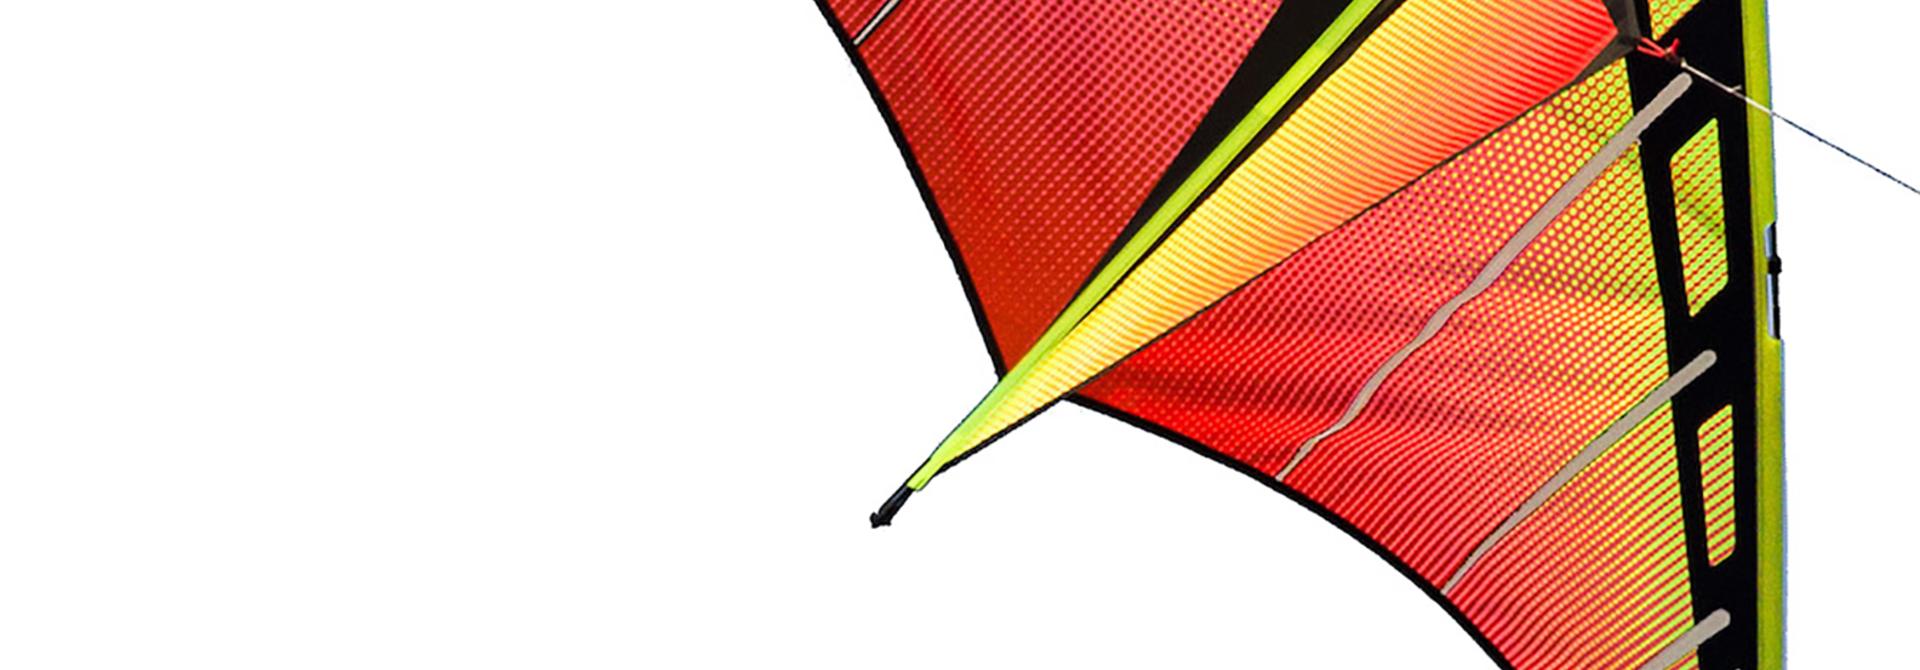 Zenith 5 Delta Kite, Infrared